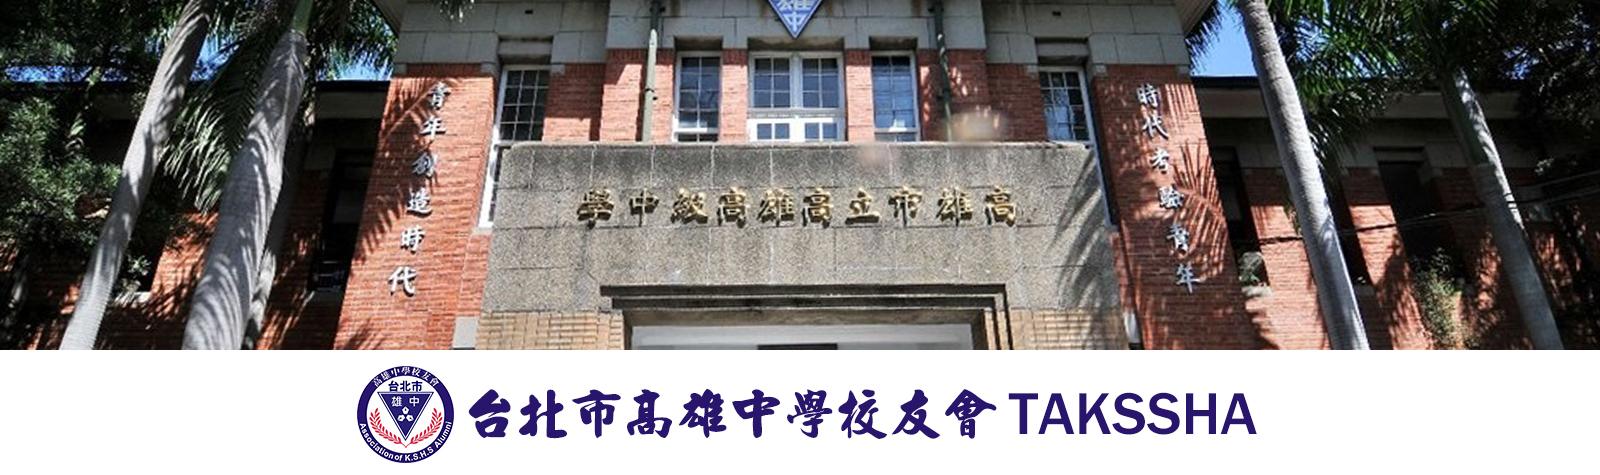 台北市高雄中學校友會官網 (TAKSSHAP)